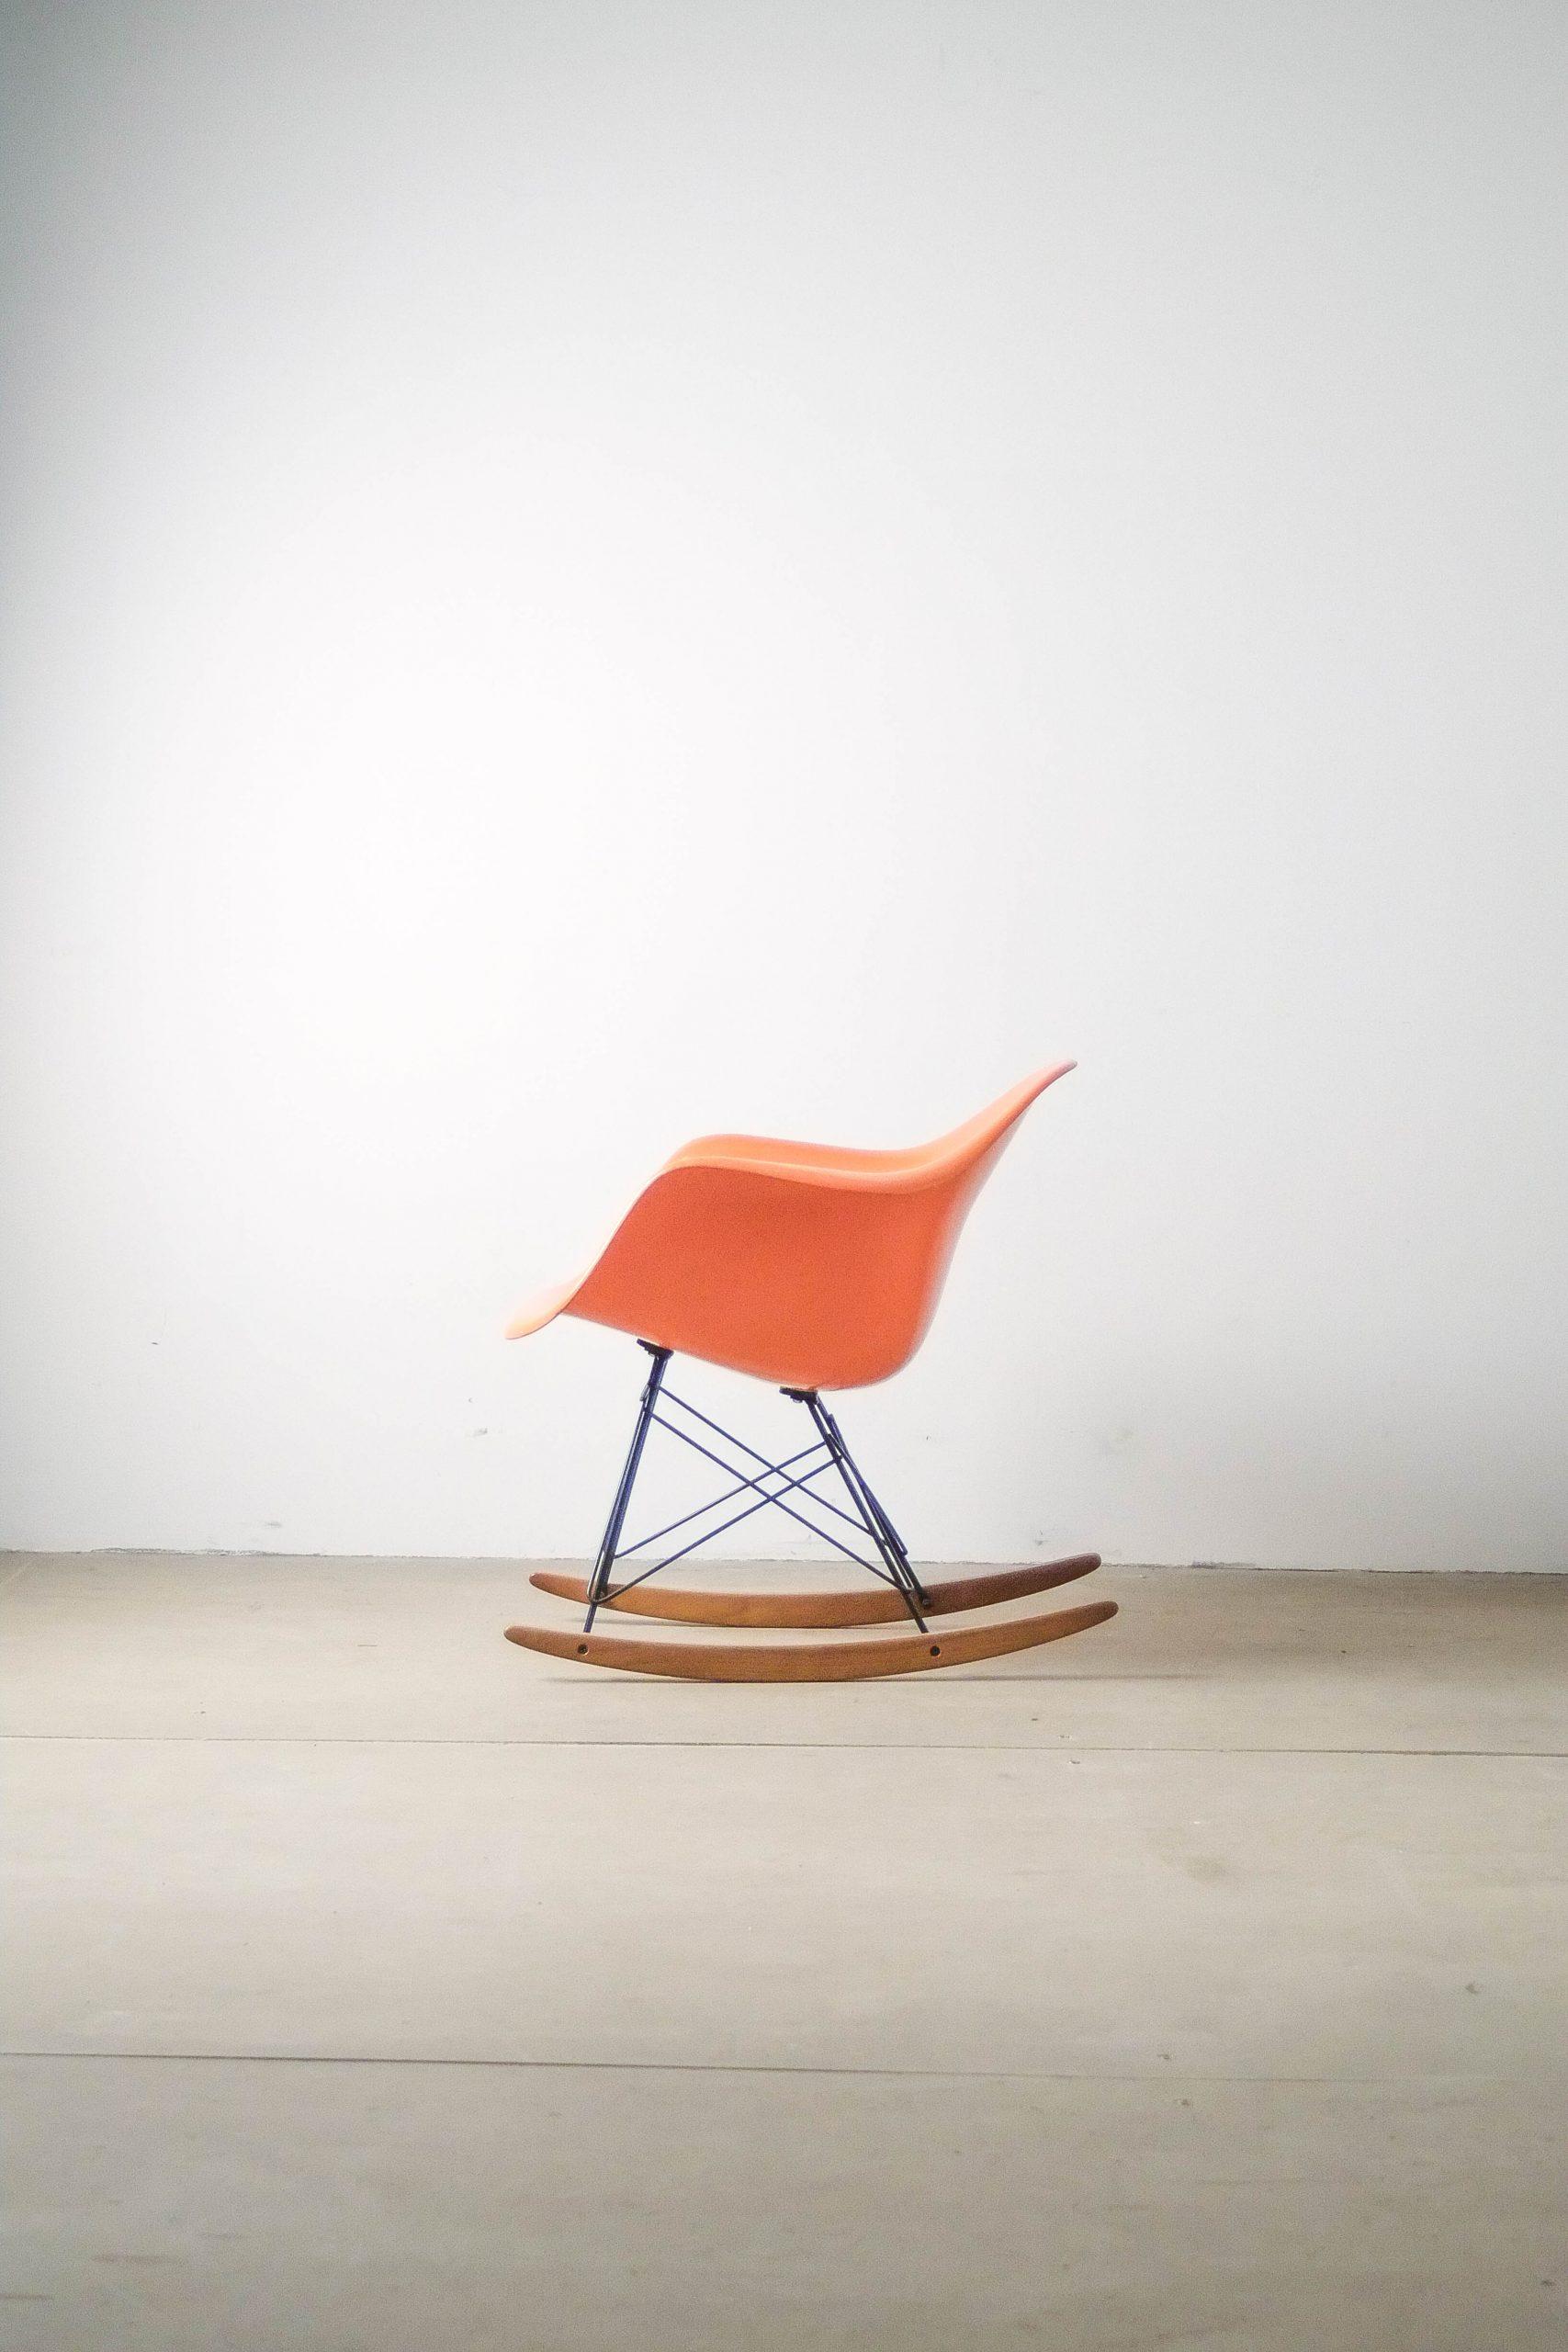 silla butaca comoda mecedora herman miller de diseño años 60 calidad